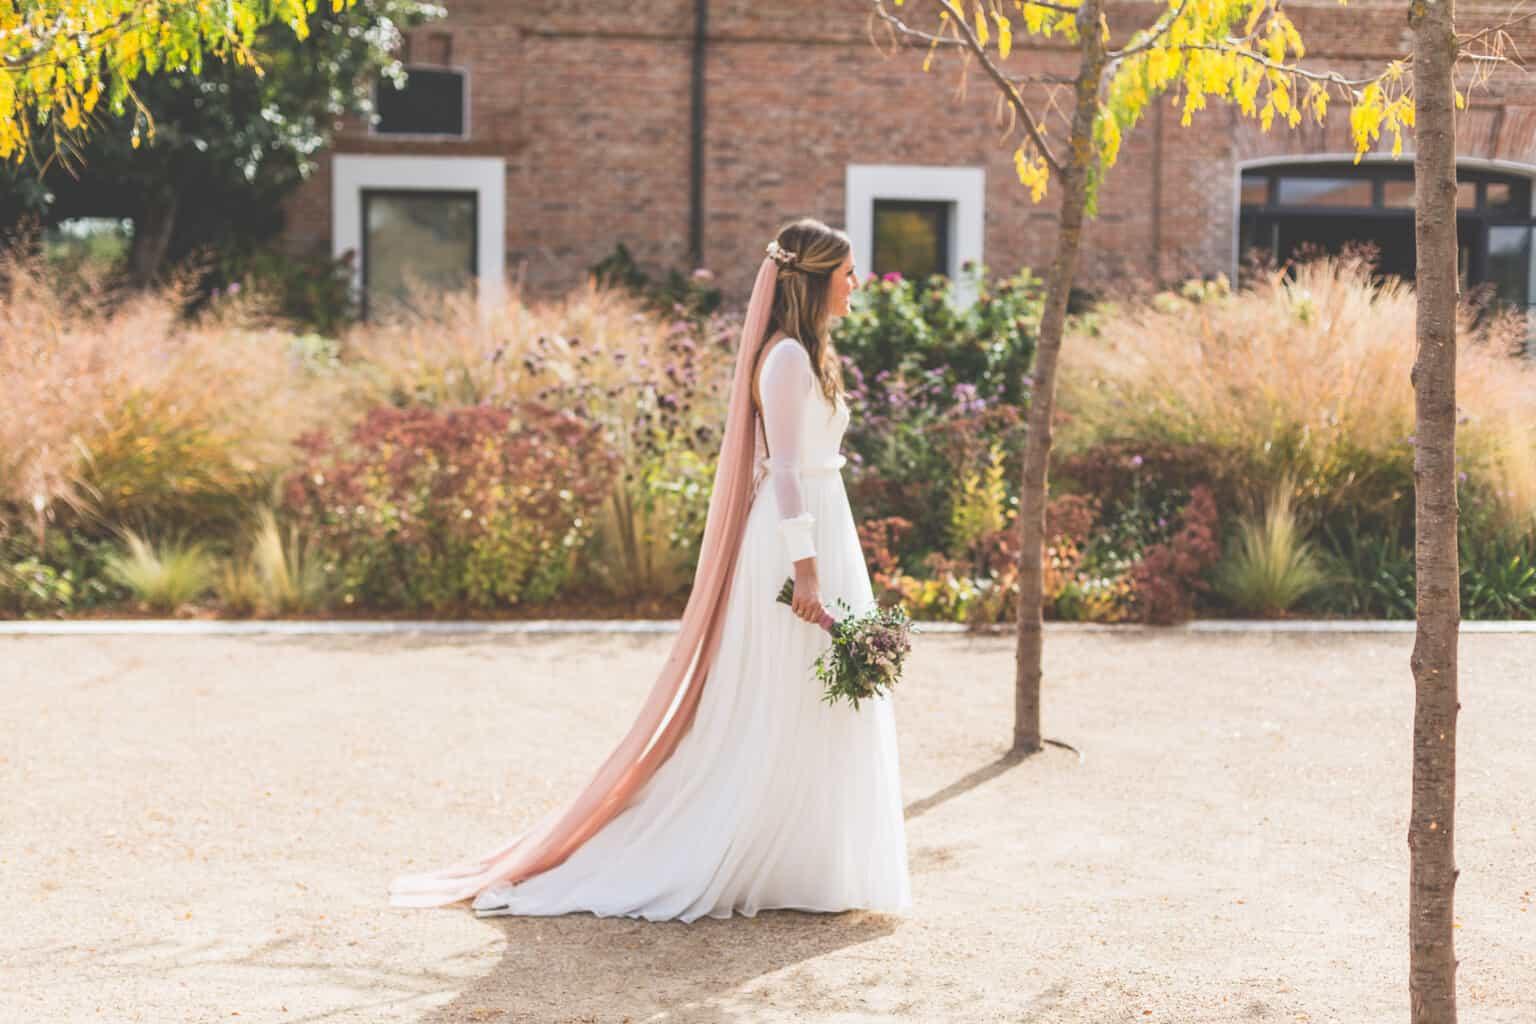 13f59ccef La novia del velo rosa - Las bodas de Tatín